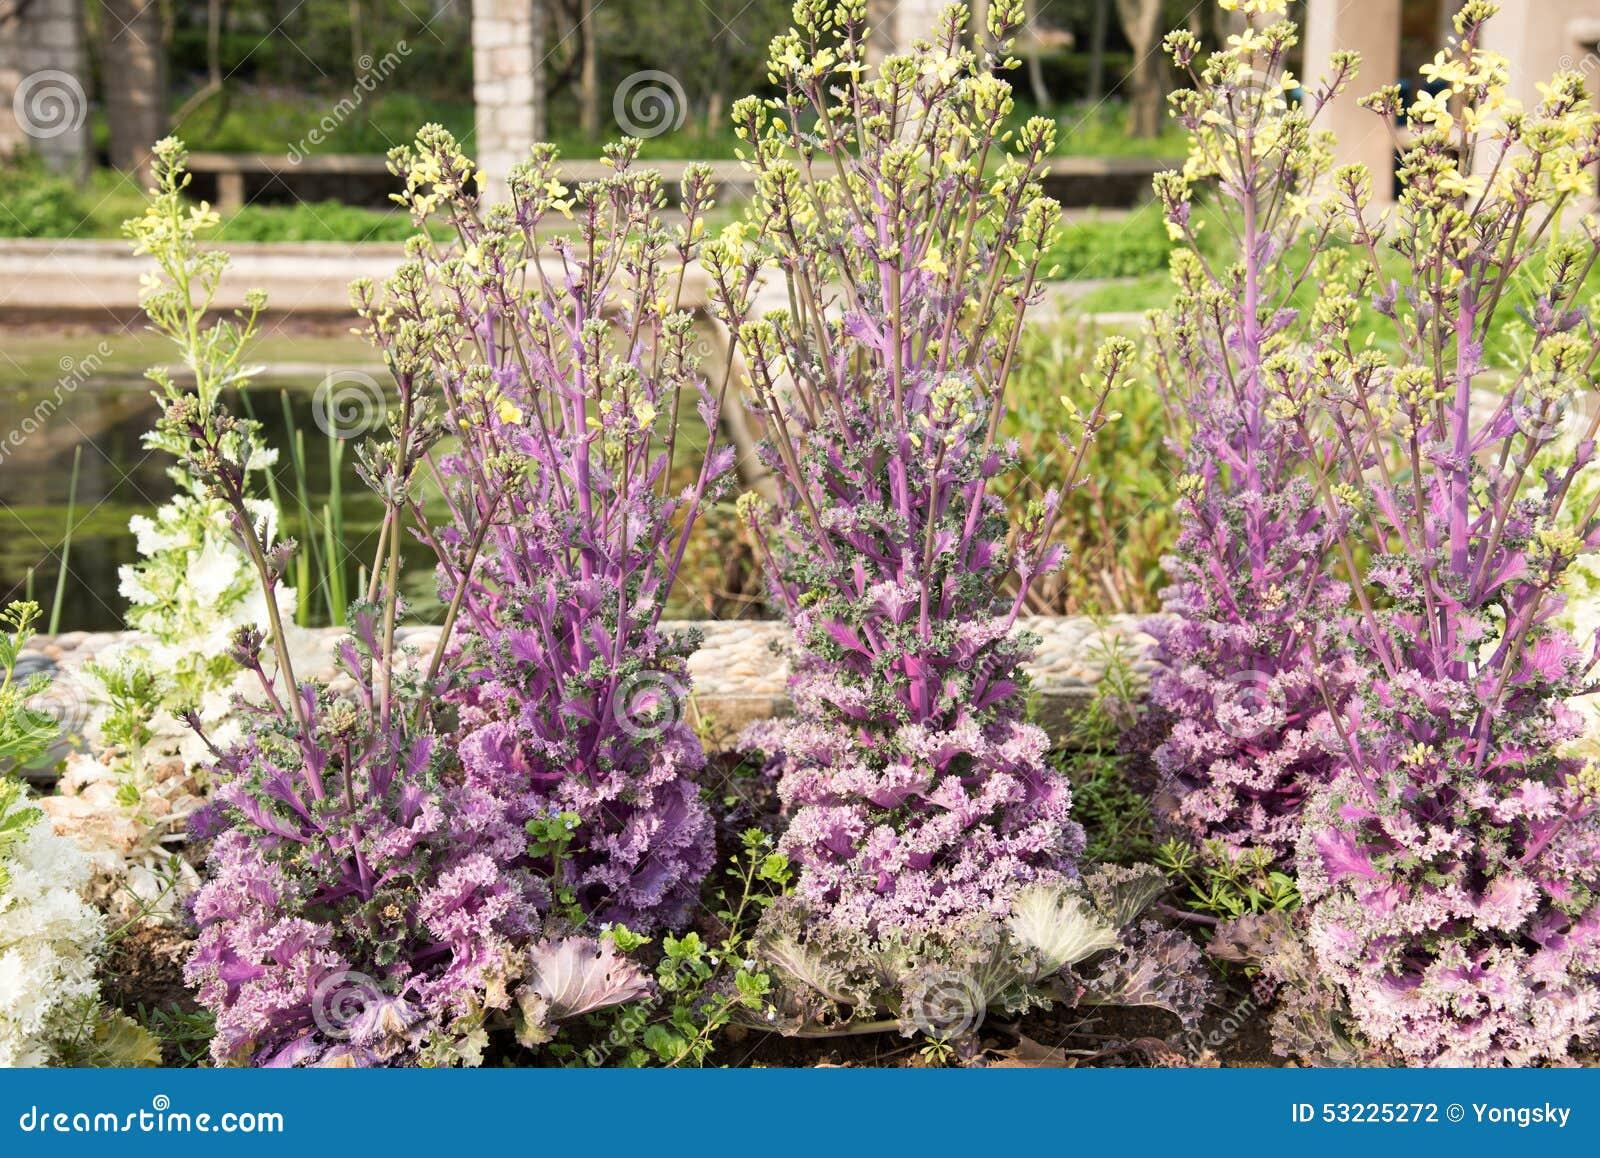 Violet Kale